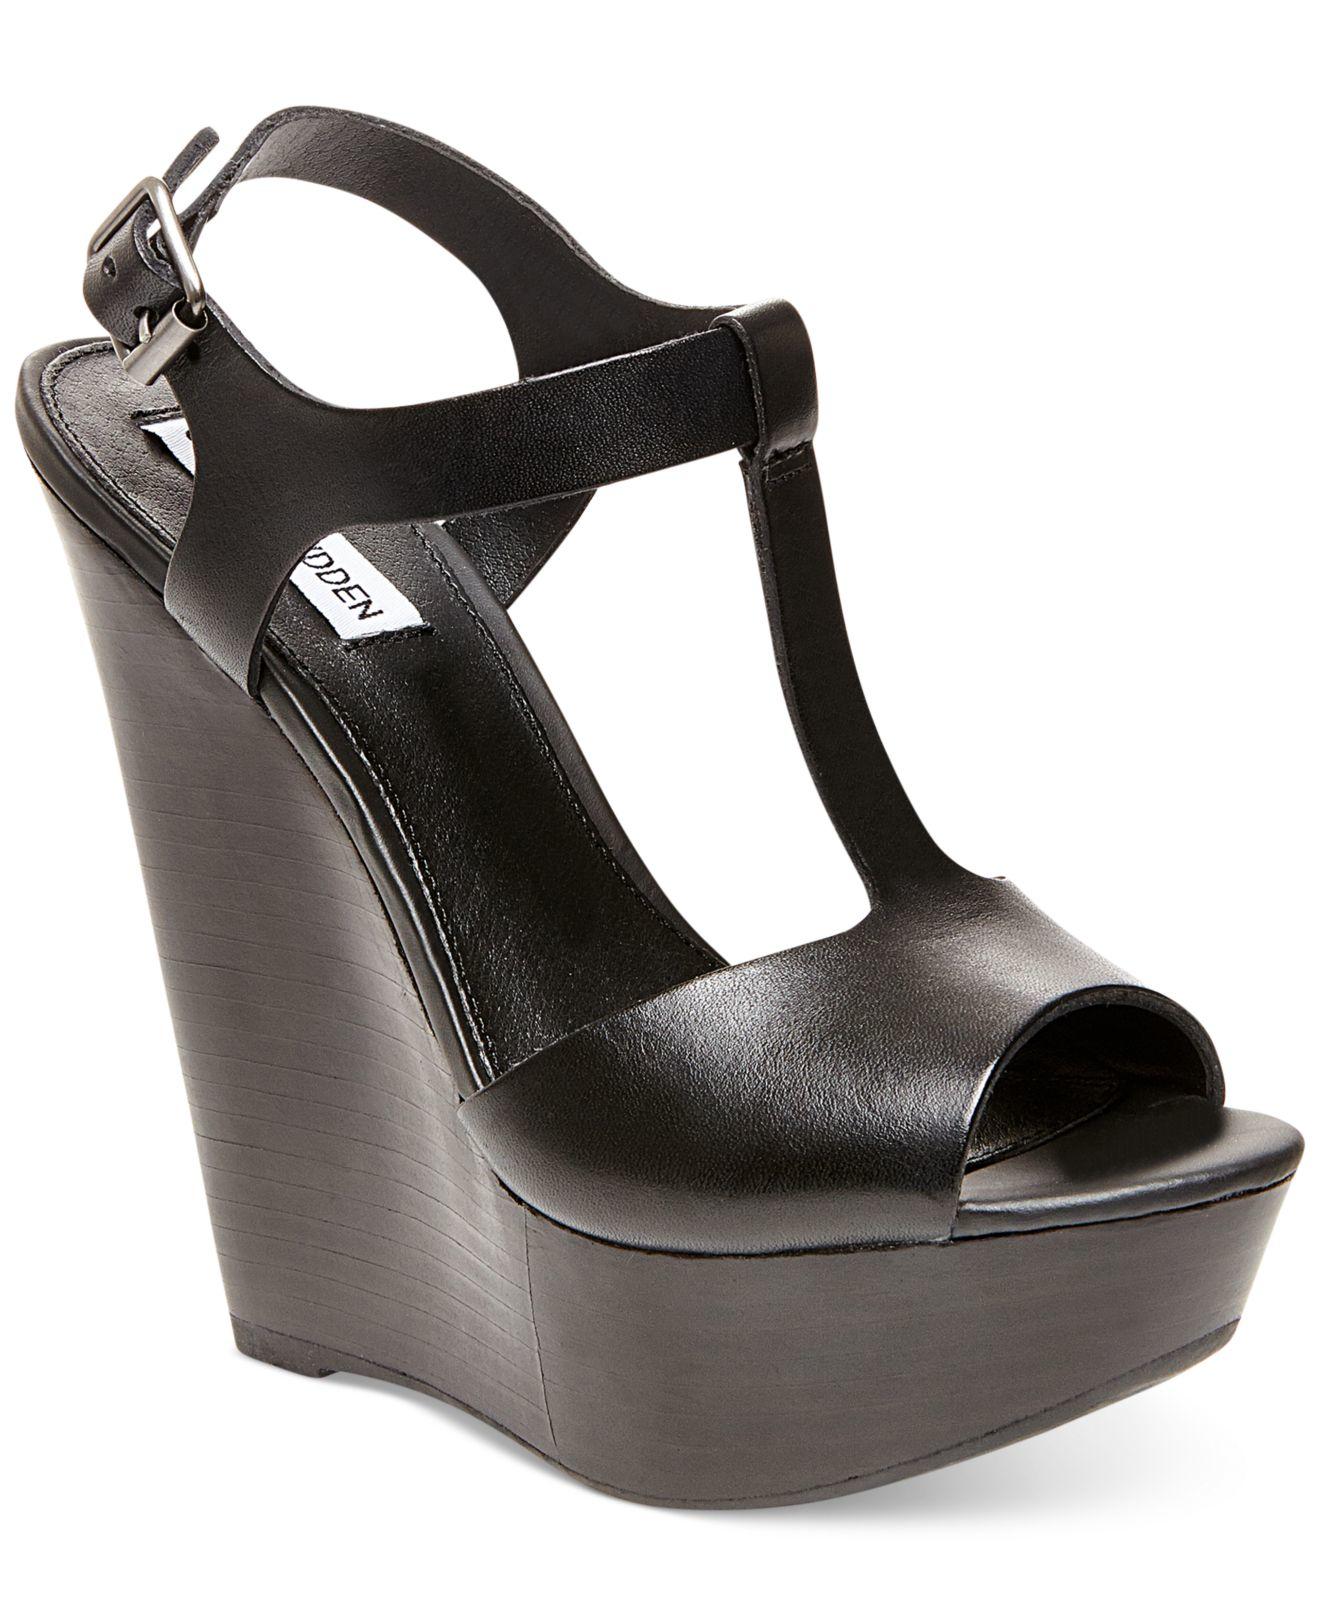 64845f0f3e8 Lyst - Steve Madden Women S Bittles Platform Wedge Sandals in Black